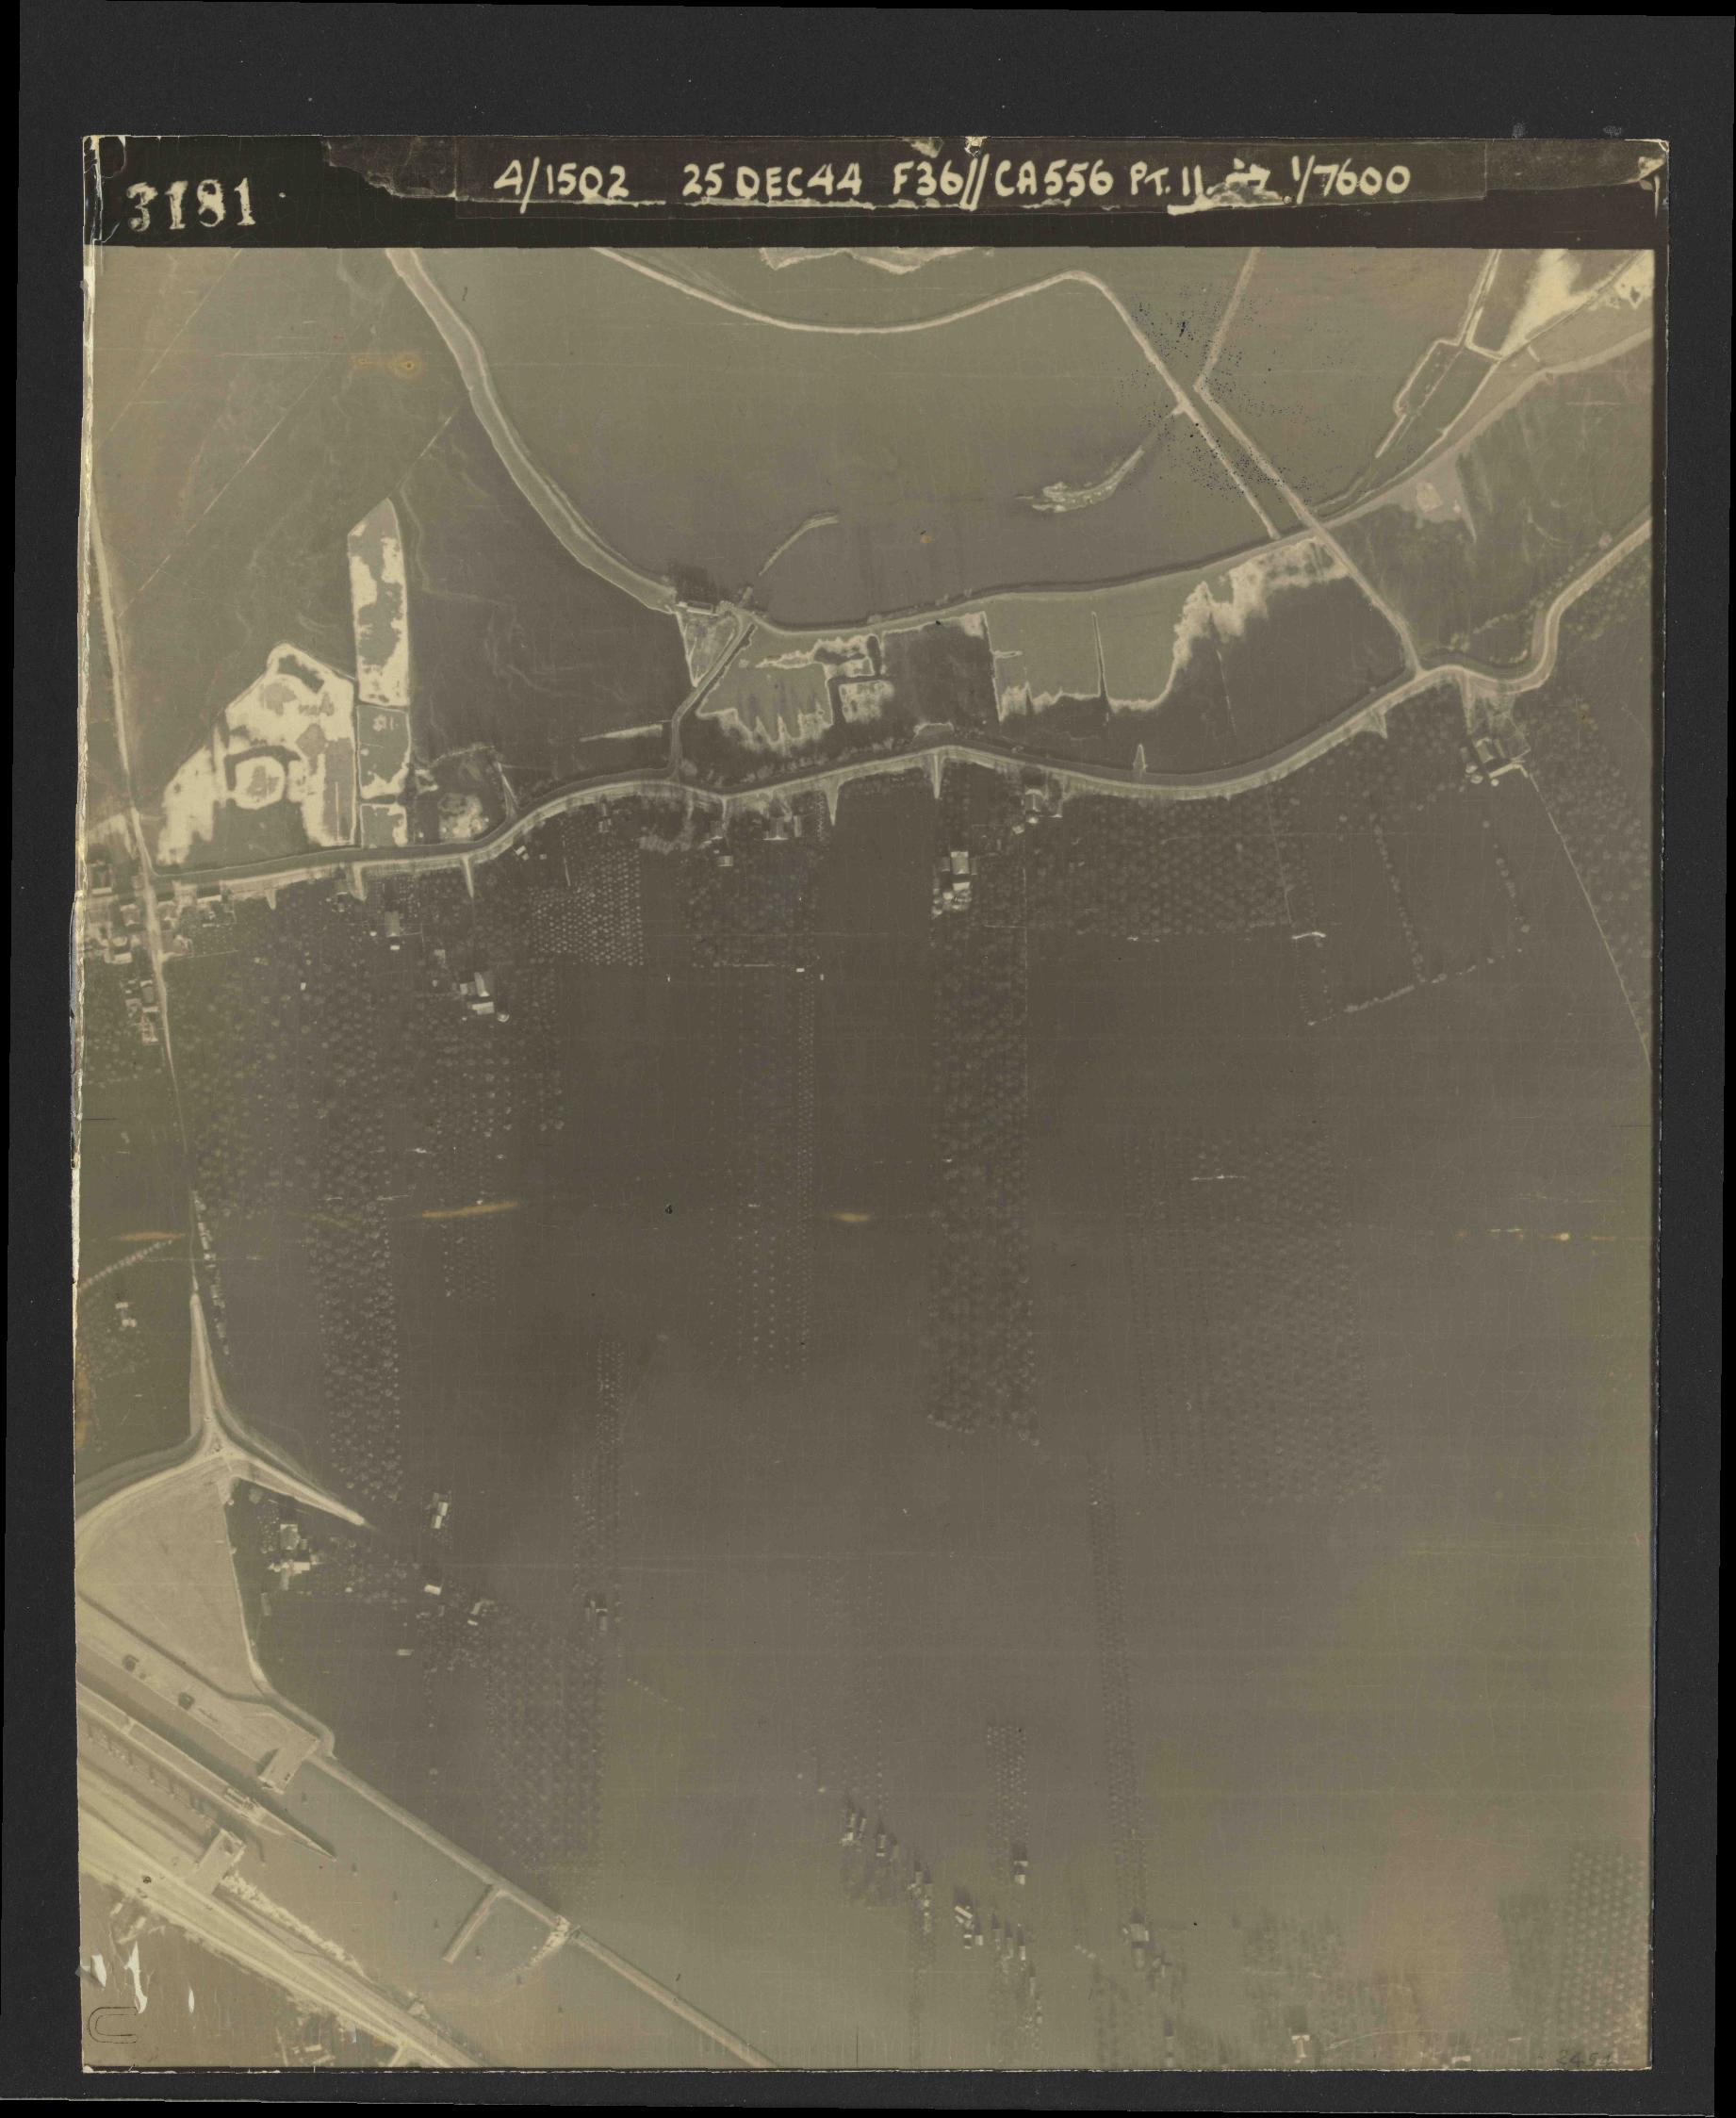 Collection RAF aerial photos 1940-1945 - flight 306, run 06, photo 3181